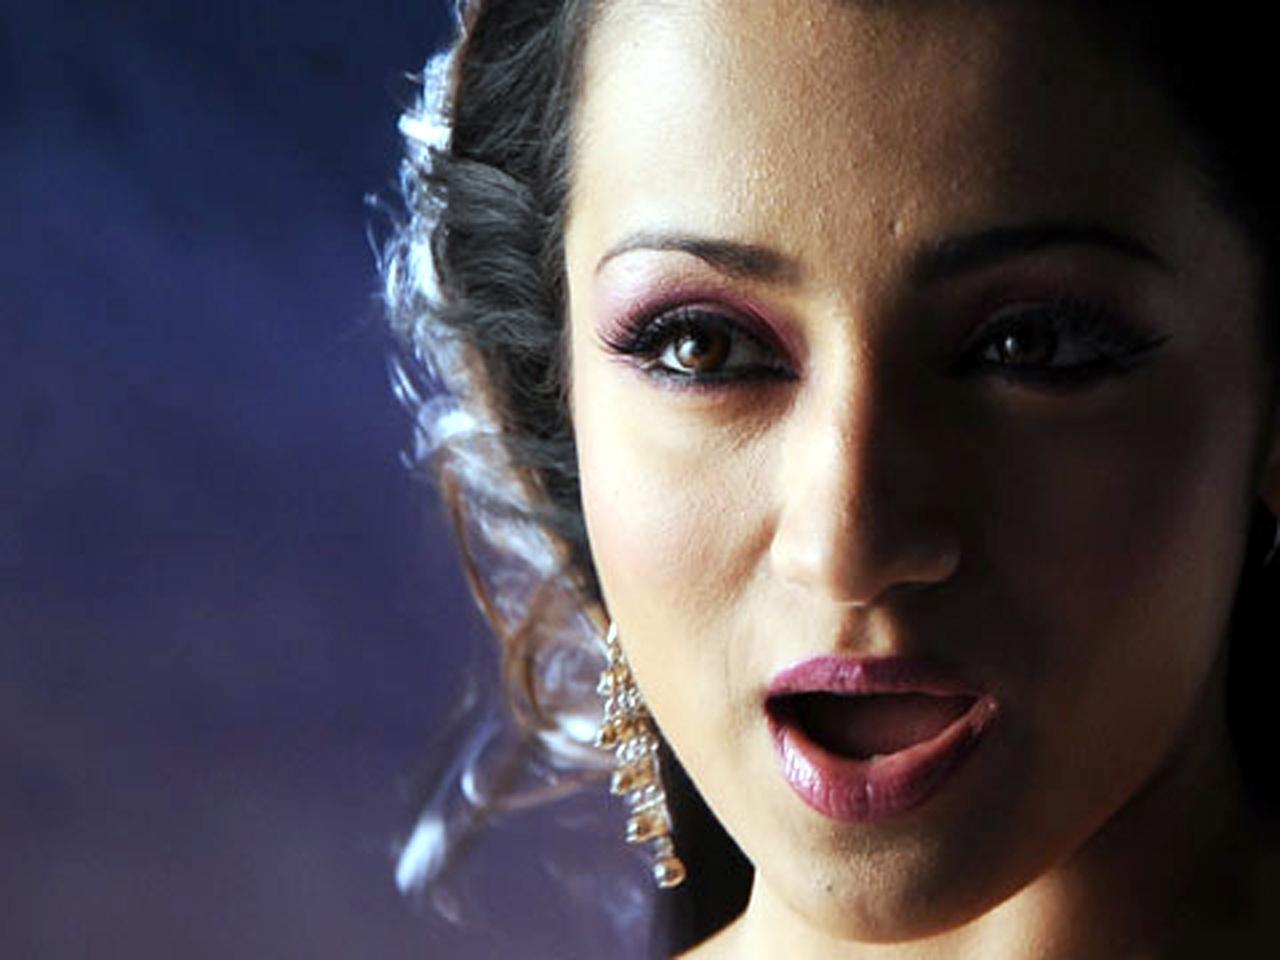 http://3.bp.blogspot.com/-XpTWdqVa1Z4/UAveuOSoxxI/AAAAAAAAHxE/gdG534fWJd4/s1600/My+Dream+Girl+%27%27Trisha_Krishnan%27%27+%2809%29.jpg